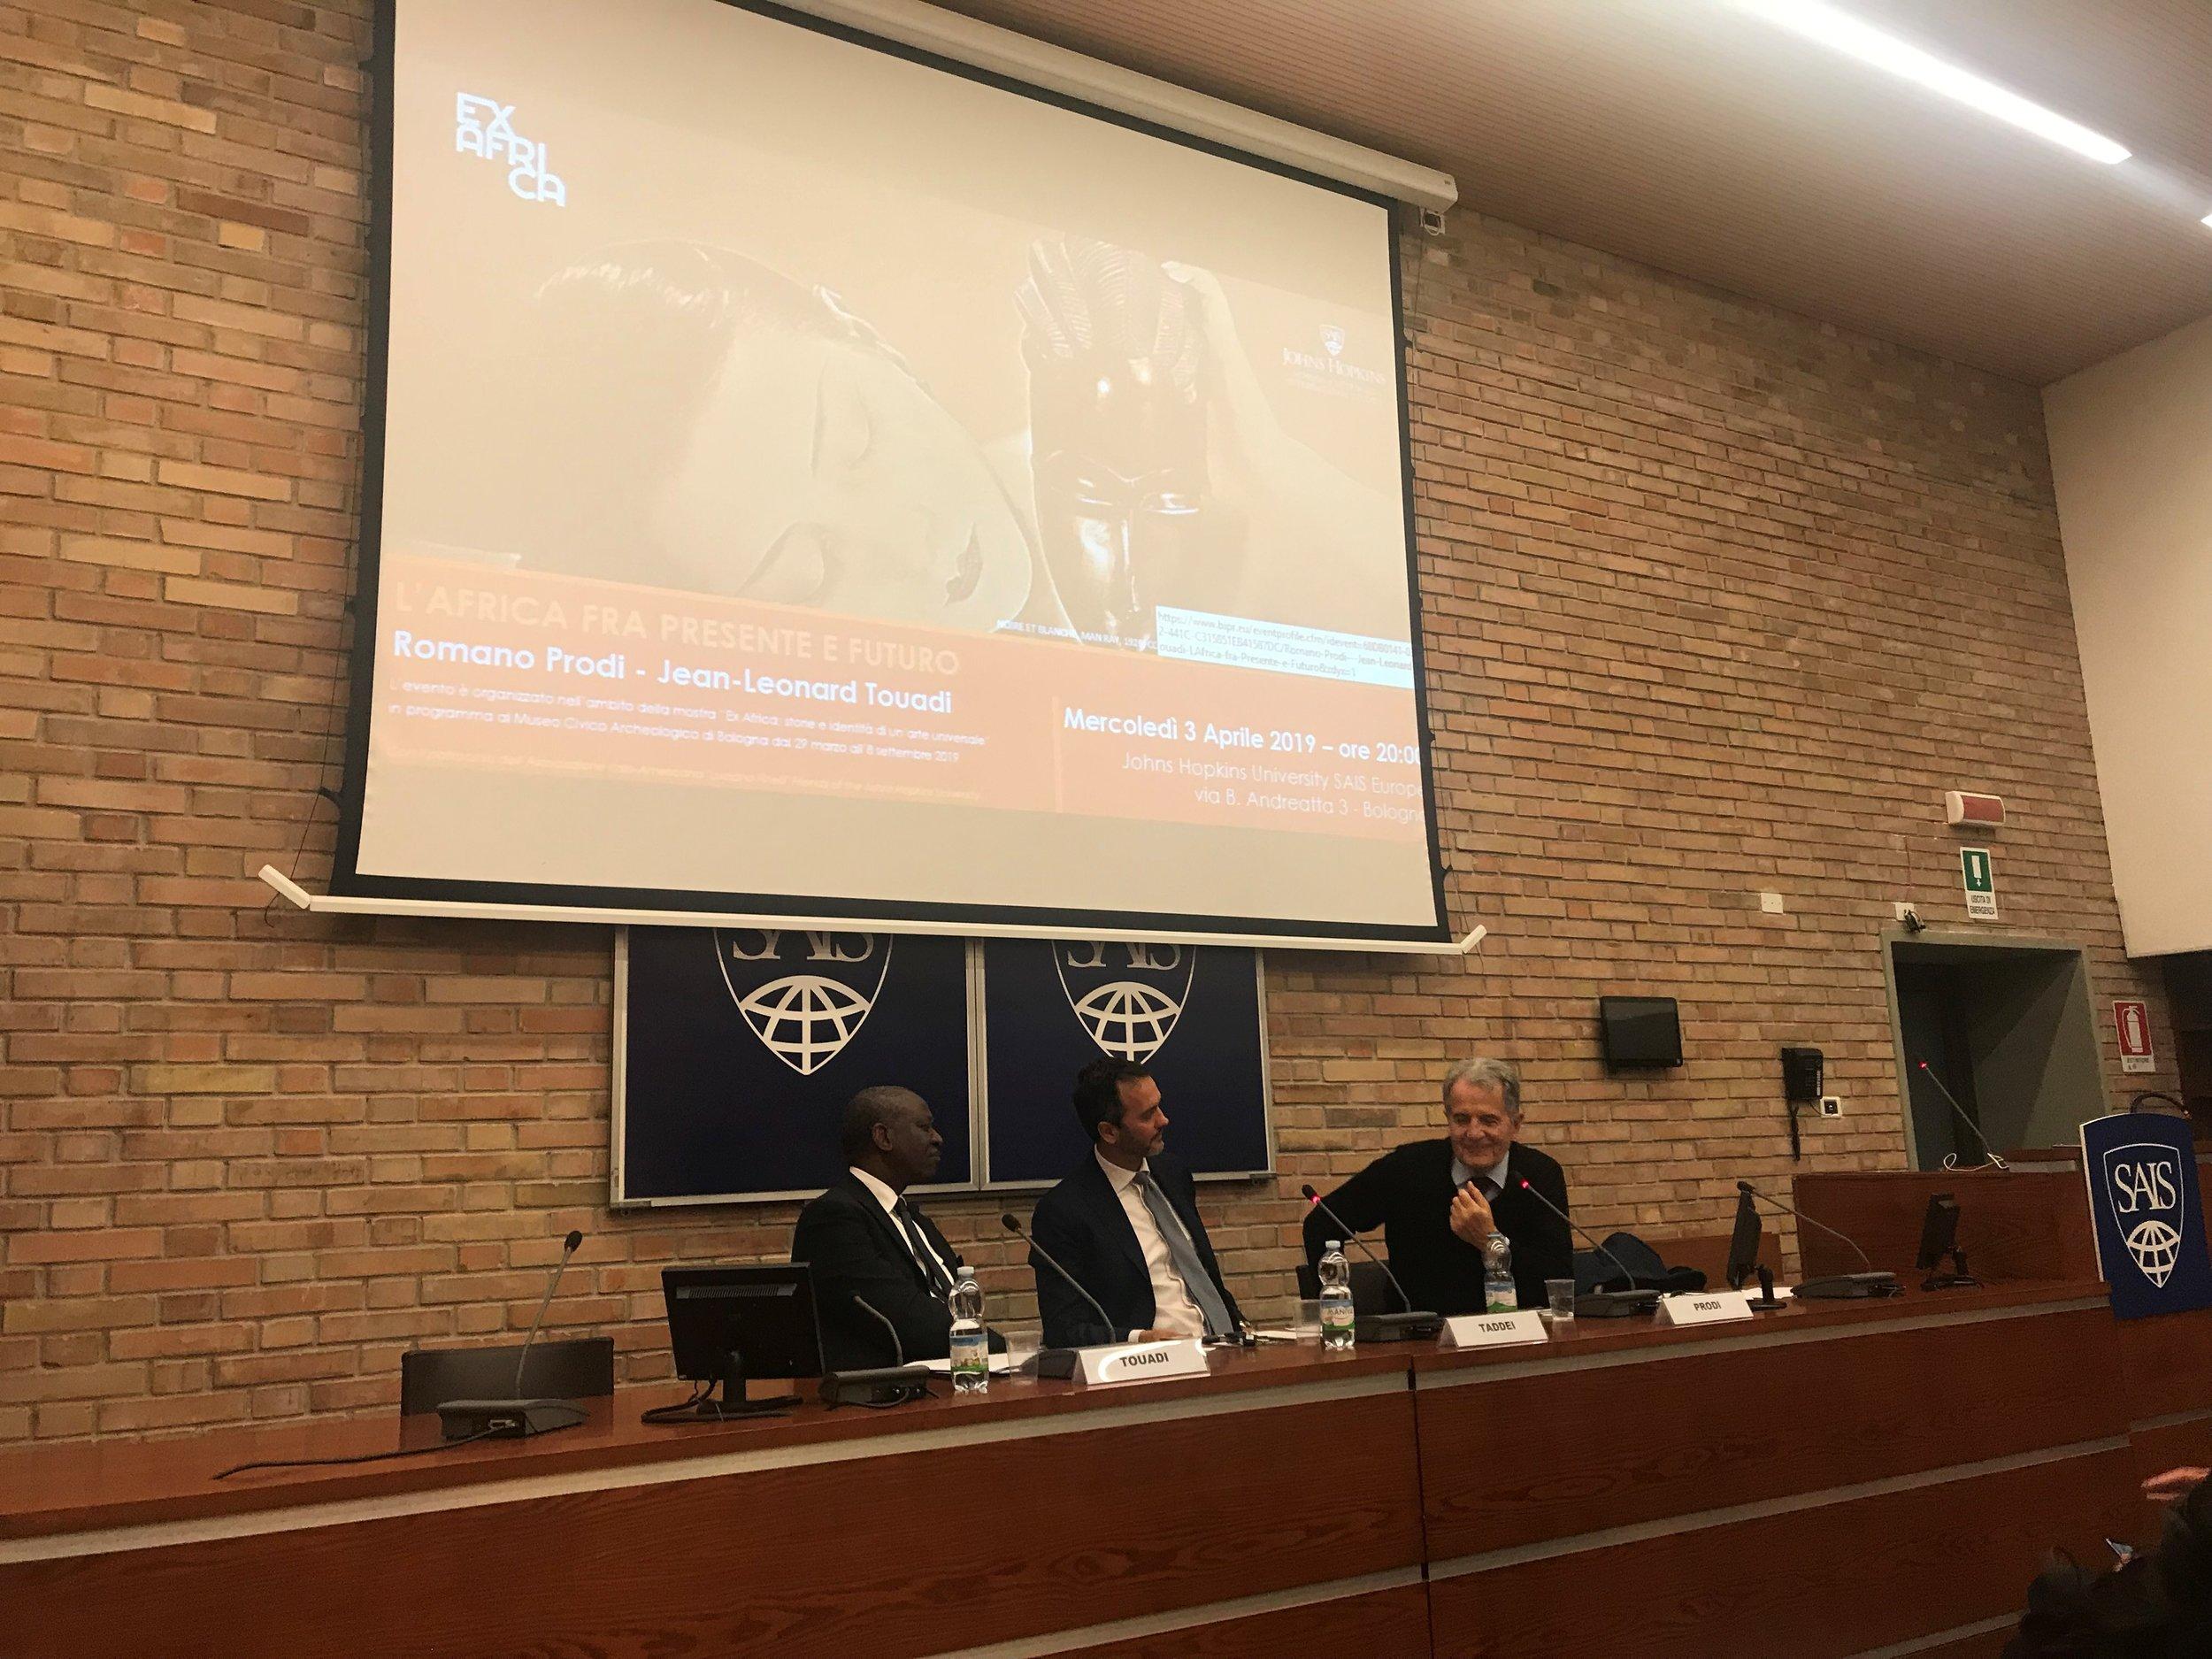 Pictured from left to right: Jean-Leonard Touadi, Filippo Taddei, and Romano Prodi